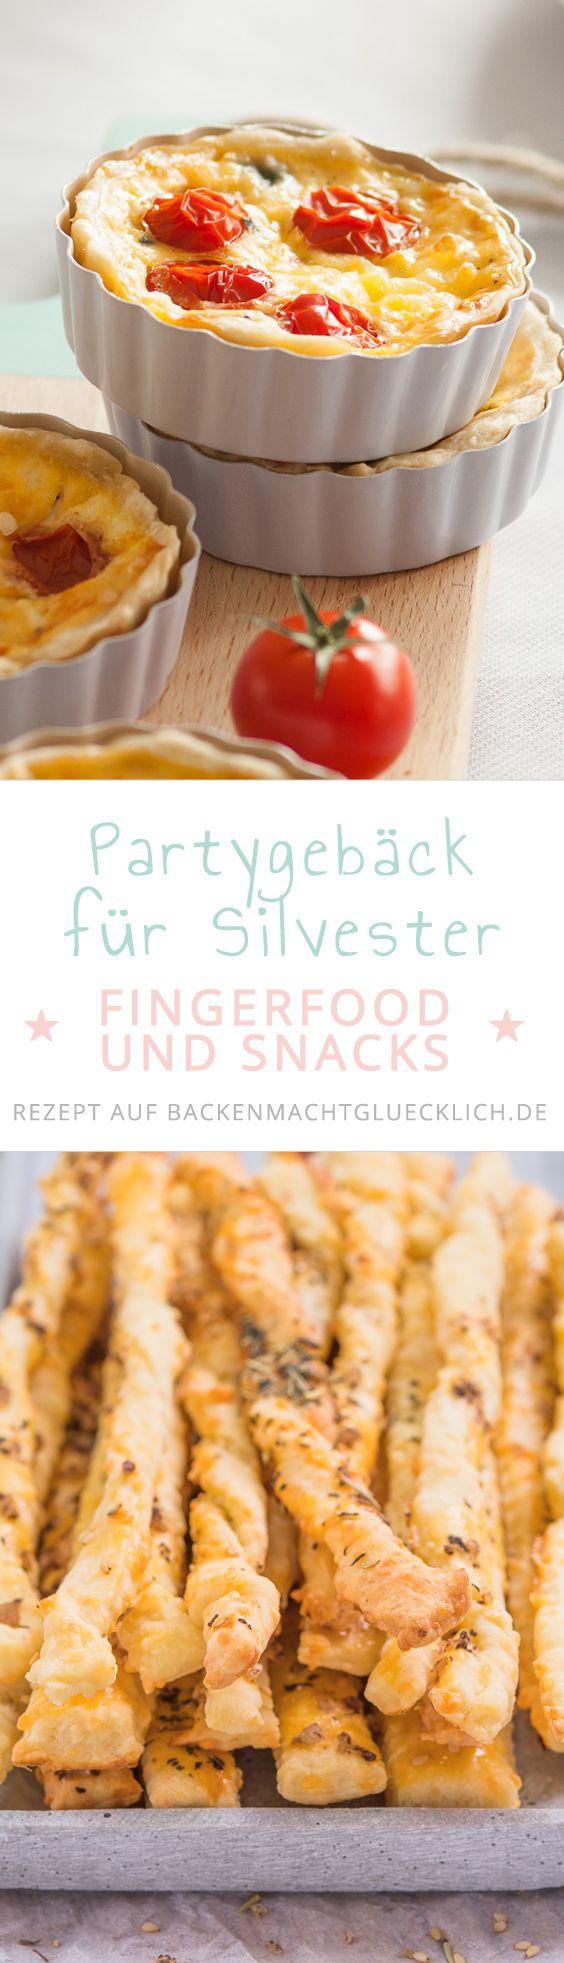 Auf der Suche nach Silvester-Essen? Diese leckeren Rezepte für Fingerfood und Partygebäck sind perfekt für Silvesterfeiern und Buffets. Einfach, gut vorzubereiten, essbar direkt aus der Hand. So kann das neue Jahr kommen!